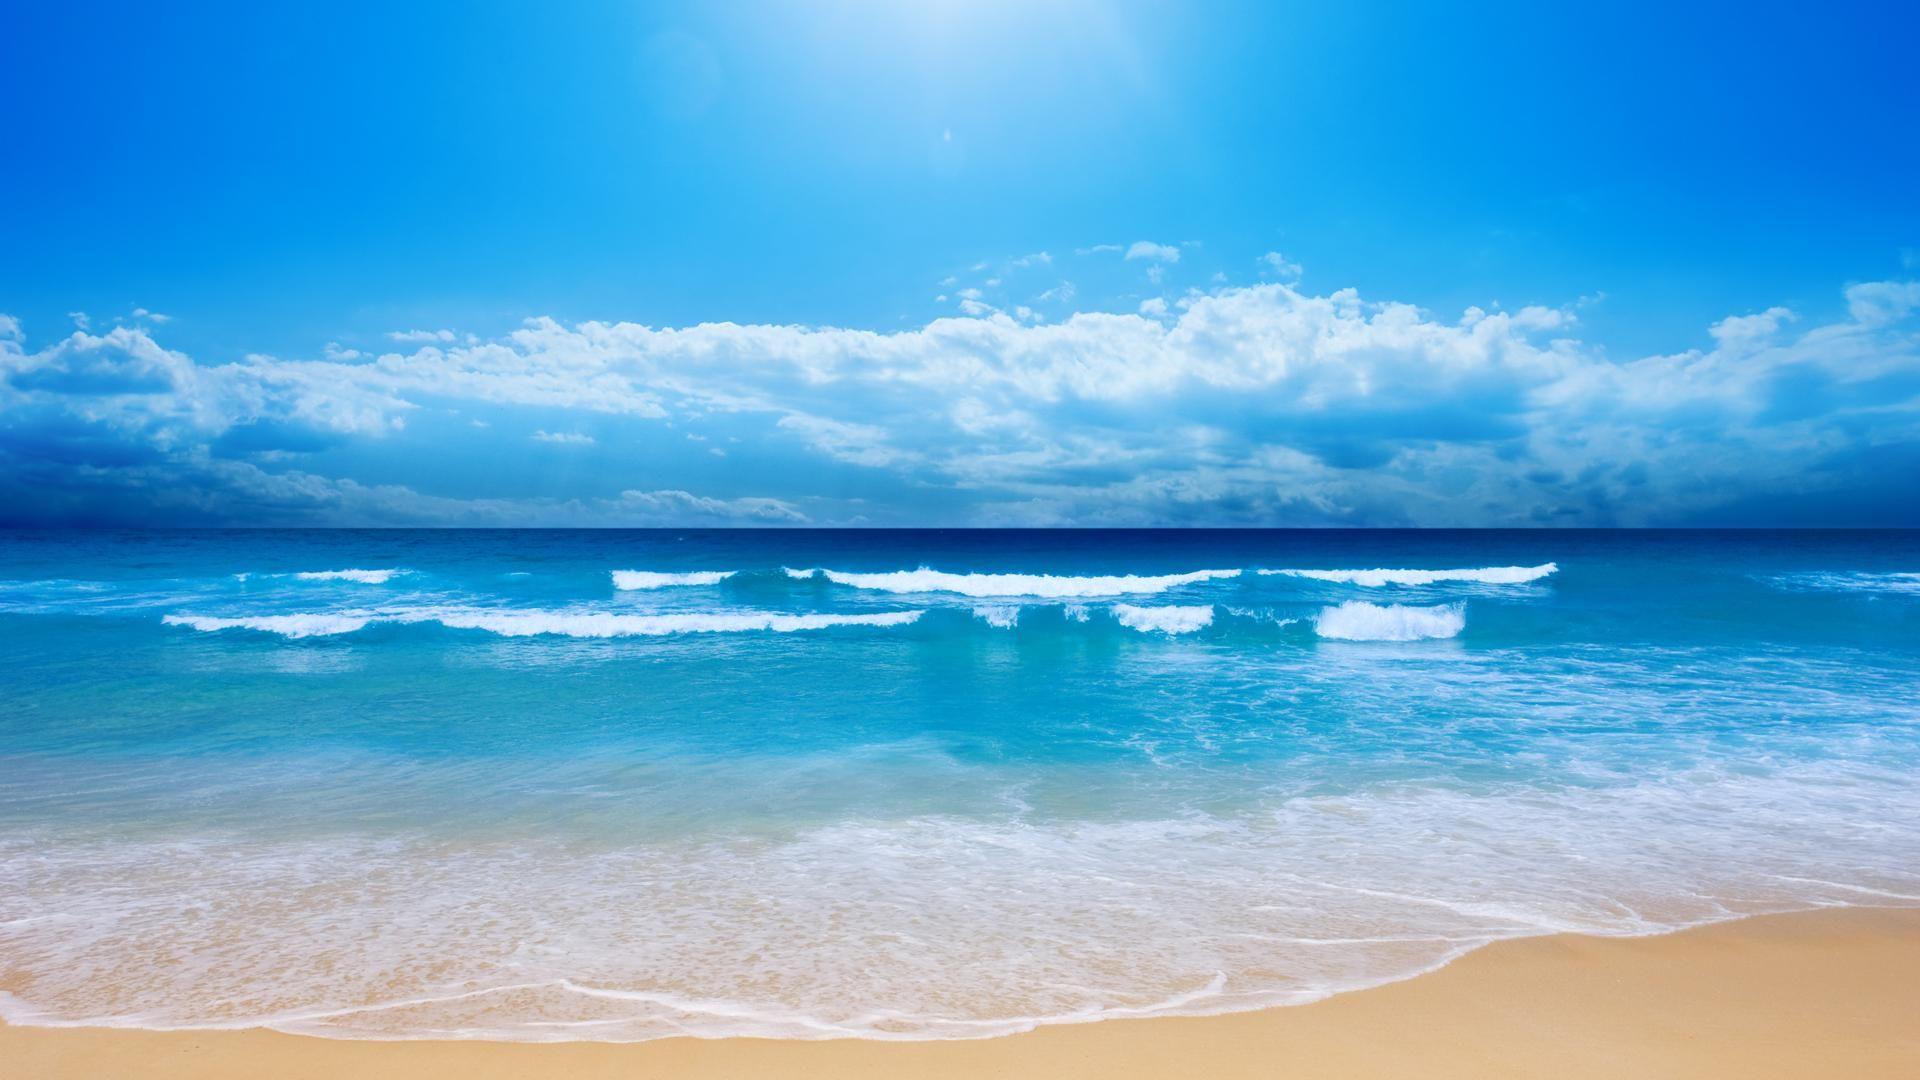 Ocean Desktop Backgrounds 1920x1080 Wallpaper Wallpaper Hd Beach Wall Murals Beach Wallpaper Ocean Pictures